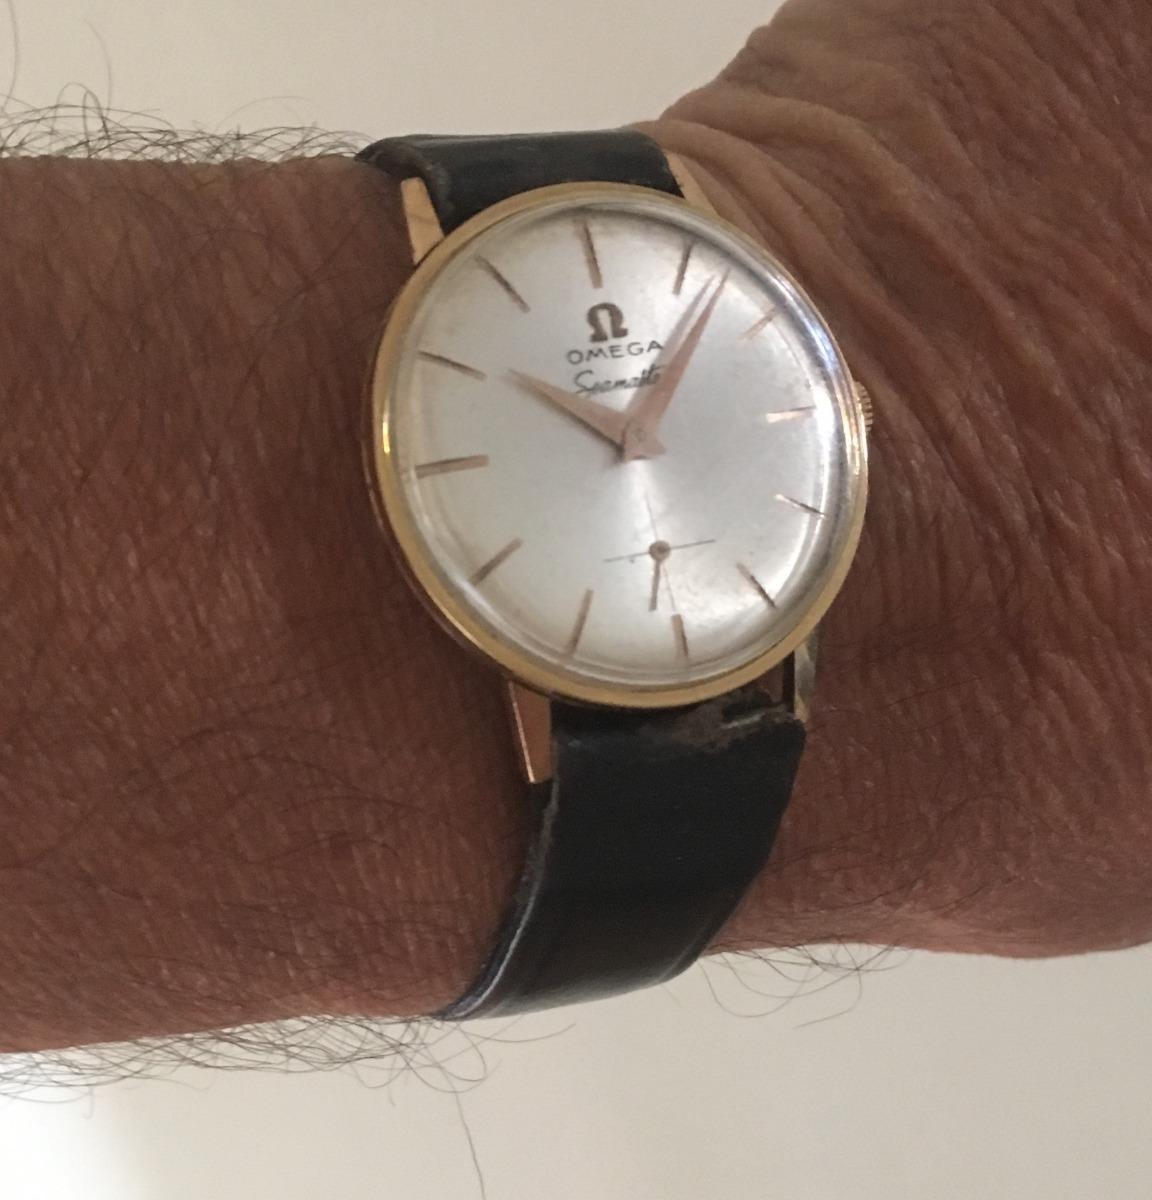 9cf1a42aaed7 antiguo reloj pulsera omega seamaster enchapado oro vintage. Cargando zoom.